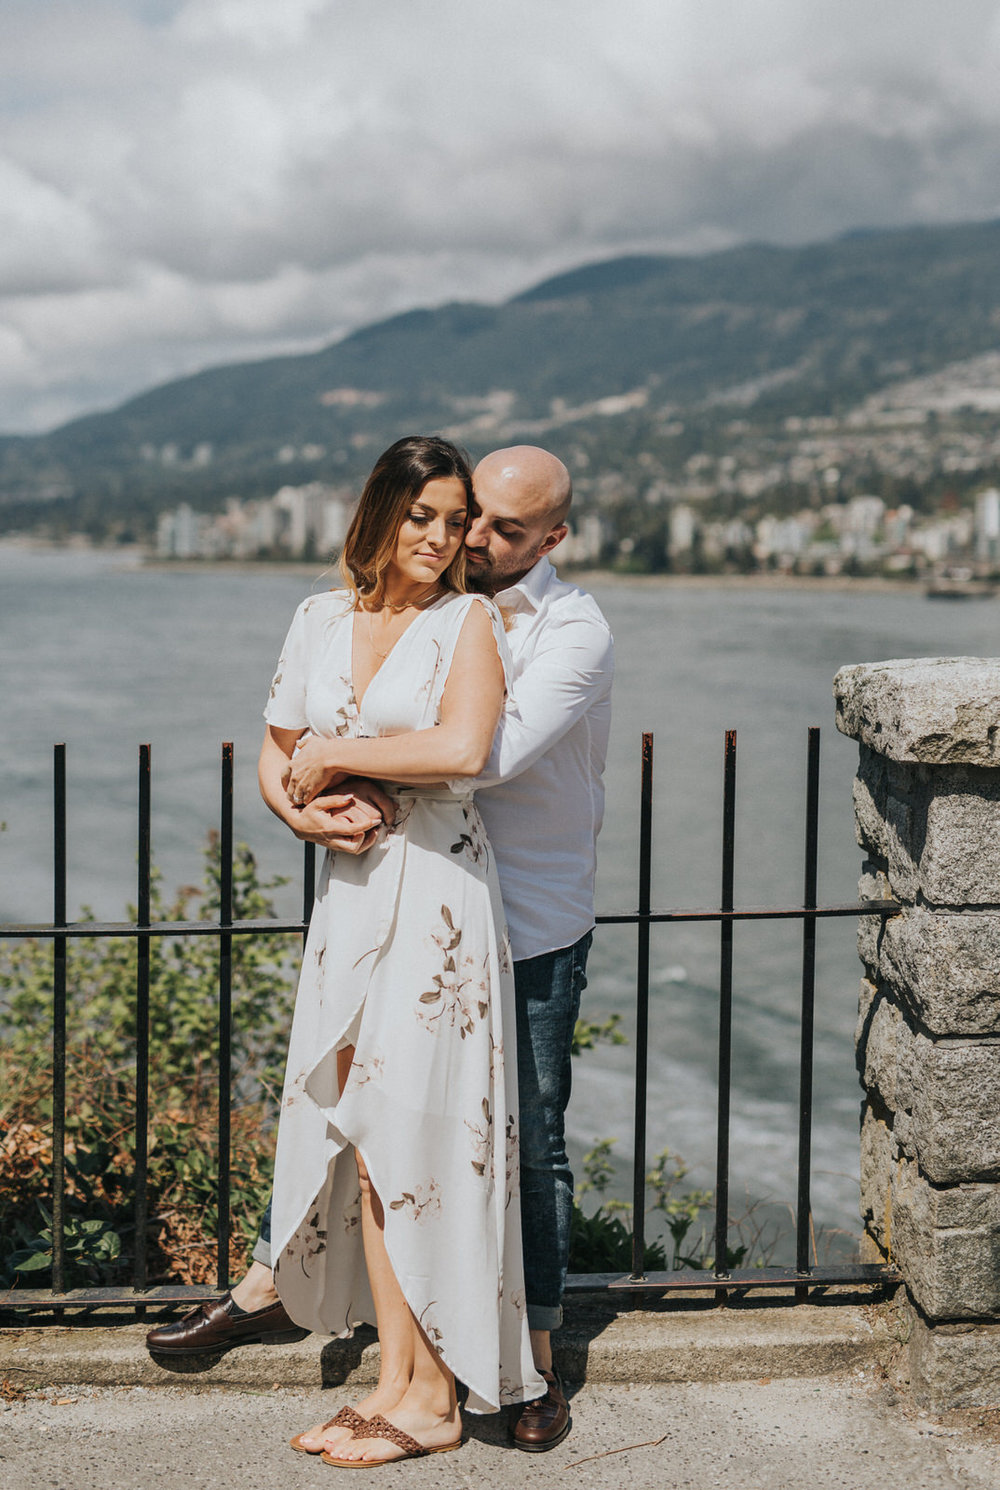 Sunshine Coast Vancouver Wedding Photographer, Vancouver Engagement Photos, Stanley Park Engagement Photos